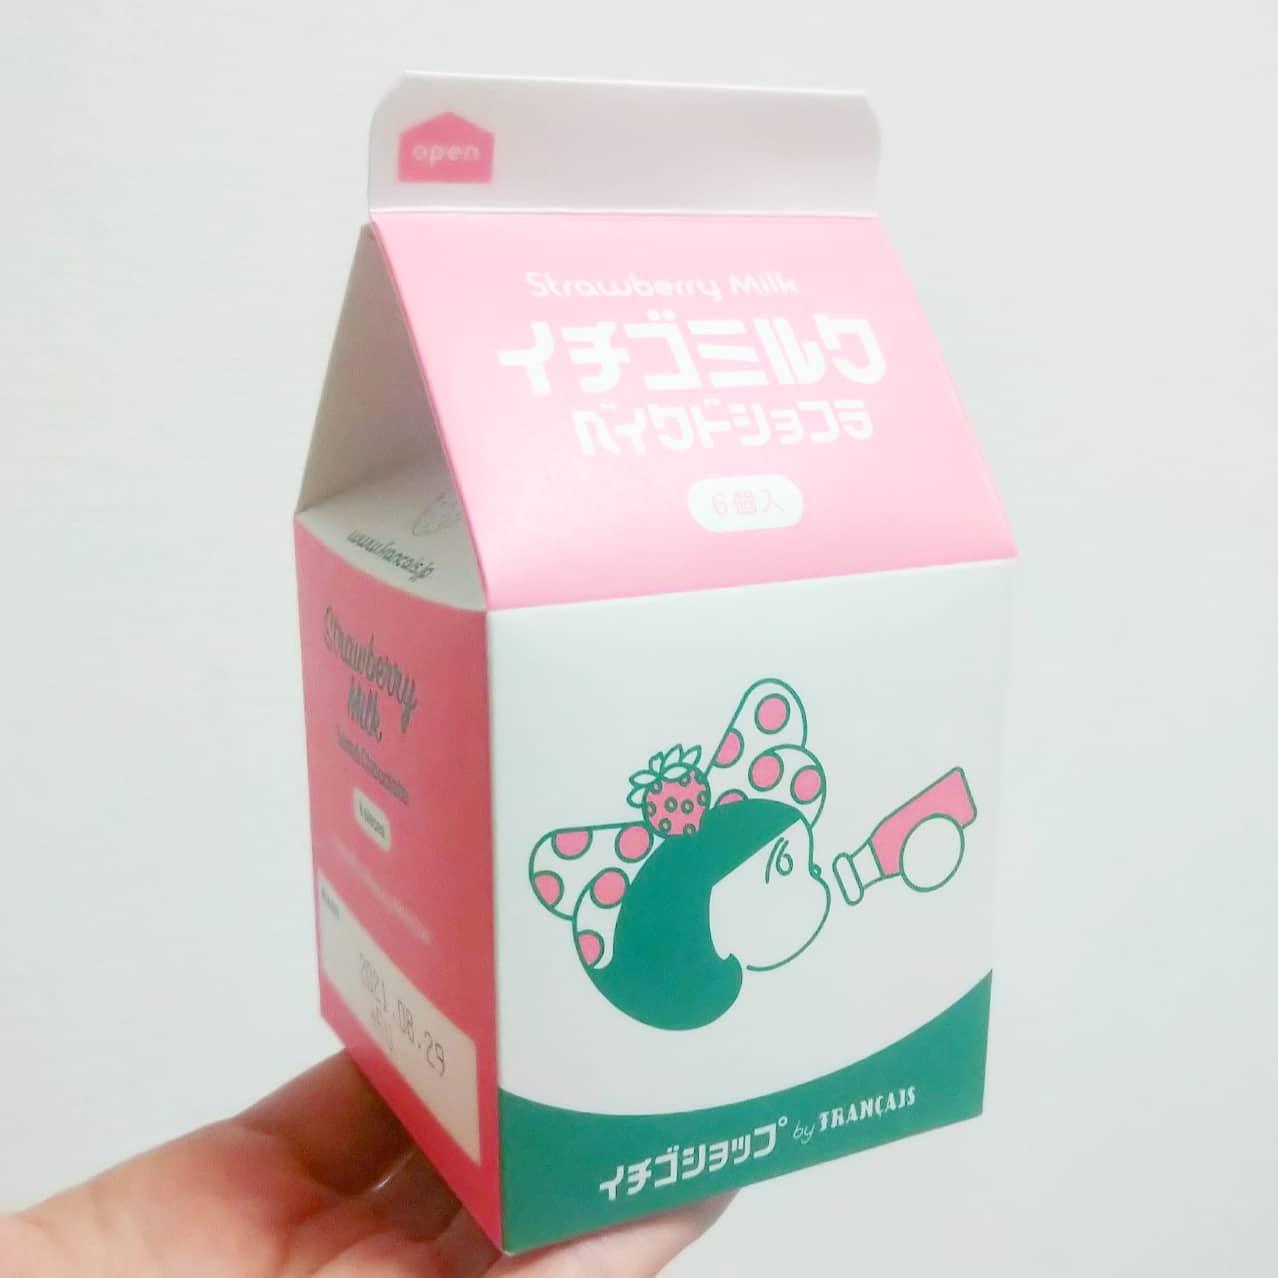 #いちごミルクラブ #イチゴショップ #イチゴミルクベイクドショコラ 謎イチゴ系-☆---本物イチゴ系甘さ強め系--☆--控え目系こってり系-☆---さっぱり系超ミルク系--☆--生クリーム系おもいで度---☆- #侍猫度しっとり系の謎苺牛乳感がコッテリ美味しいクッキーだね!生チョコのようにしっとりで柔らかクッキーでホロホロな口どけで甘いミルク感が美味いやつ!謎苺牛乳好きにはかなりハマるやつ!大きいサイズの買っとけば良かったぁ〜。これは紅茶とも合うやつだね。商品解説読むと、どうやらバラの香りも練りこんだみたいだけど、薔薇感は言われなきゃわからなかったわぁ。ローズの香りを練りこんだ苺ショコラとミルクショコラの層でできてるそうな。まぁ可愛いおねぇさんに勧められた時に2個いっとけばよかった!東京駅のイチゴショップで買ったやつだよ。#いちごオレ #いちごオレ味 #いちごミルク #いちごミルクみたい #いちご牛乳 #いちご牛乳味 #イチゴ牛乳 #いちご牛乳クラブ #苺牛乳 #苺牛乳が好き #苺ミルク #苺スイーツ #苺 #苺好きに生まれたからには #メソギア派 #糖分 #いちごミルク味 #スイーツ #スイーツ好き #スイーツスタグラム #スイーツタイム #スイーツ写真 #strawberry #strawberrymilk